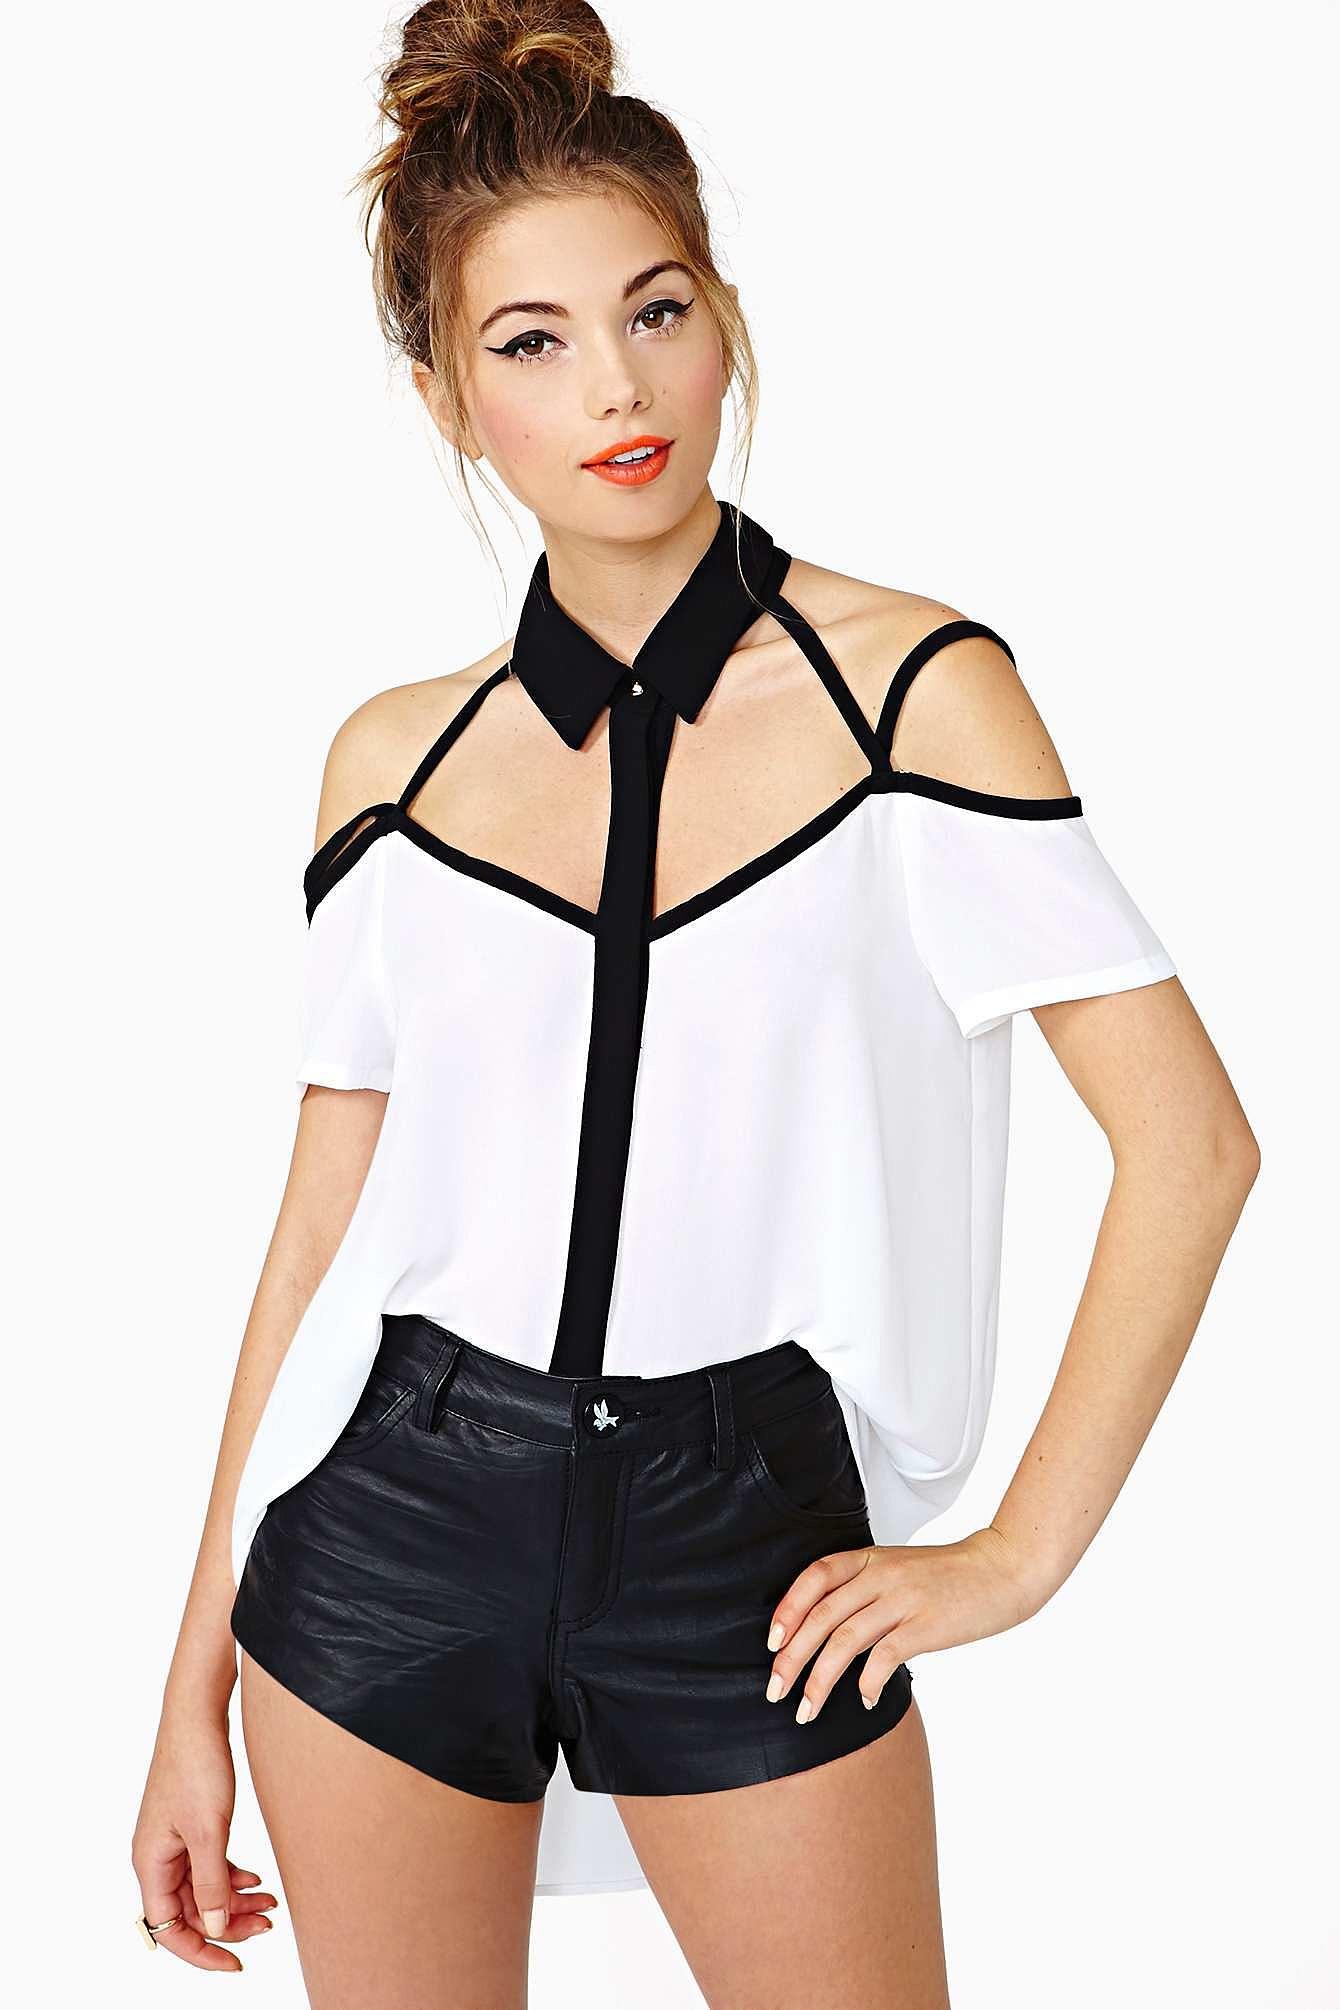 Секс белая блузка 22 фотография